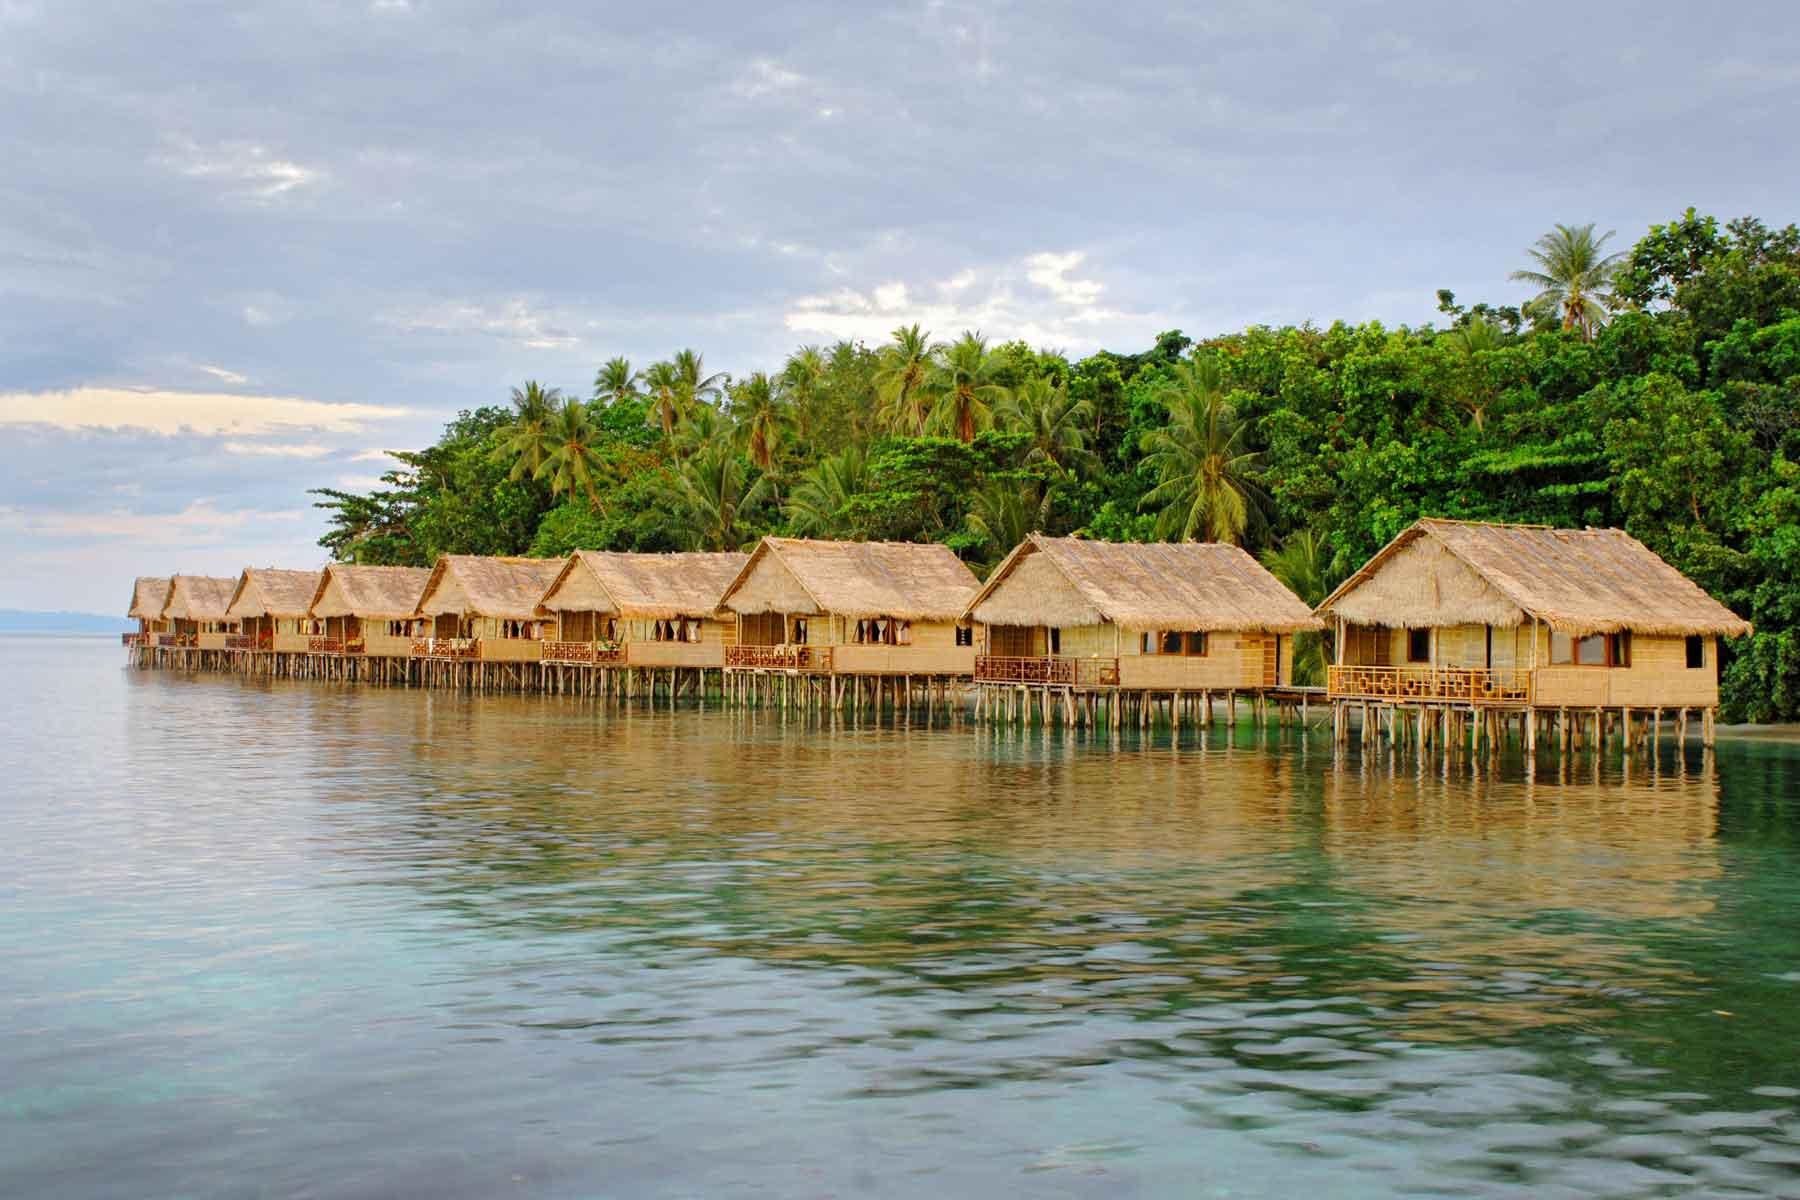 Raja ampat indonesia scuba diving holidays equator diving - Raja ampat dive resort ...